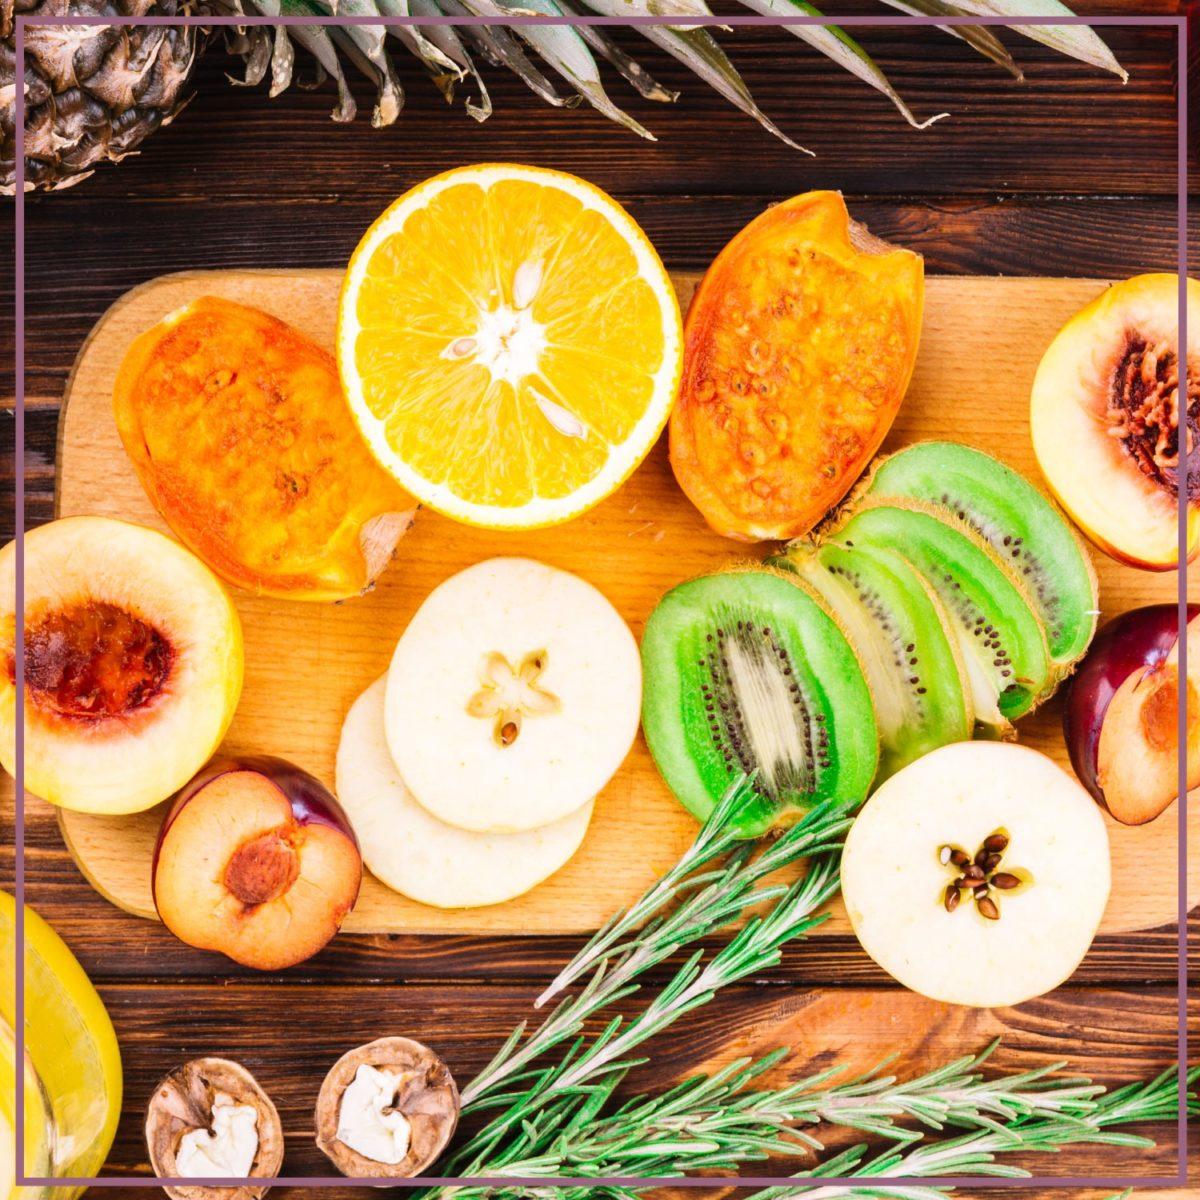 Pranzo-di-frutta-si-o-No-.-I-consigli-delle-nutrizioniste-del-centro-B-Woman-1200x1200.jpeg